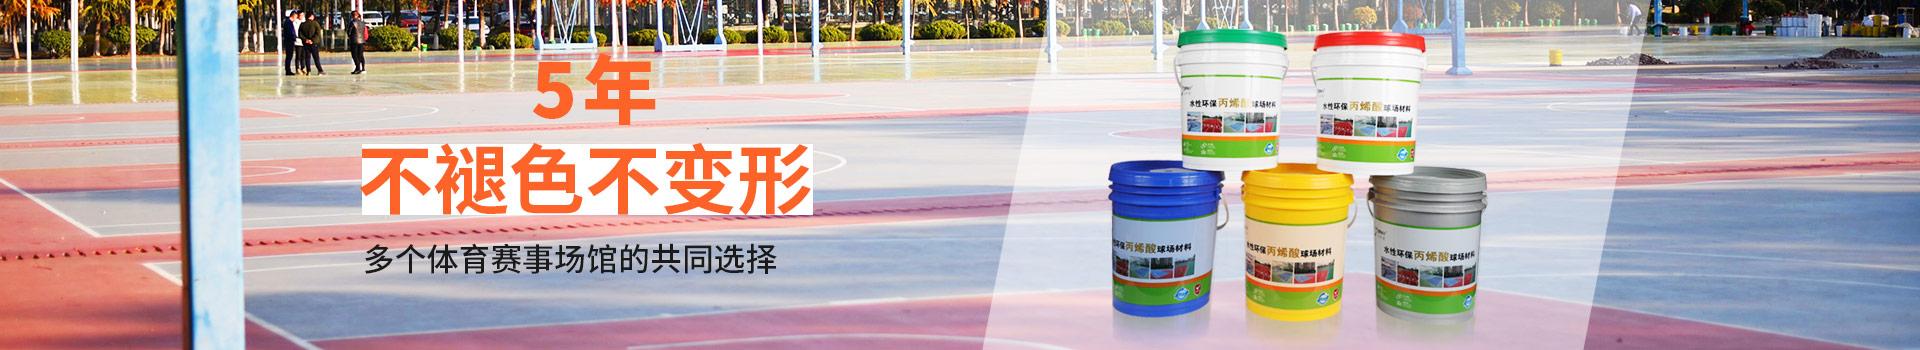 宜邦丽水性丙烯酸材料多个国家赛事场的共同选择